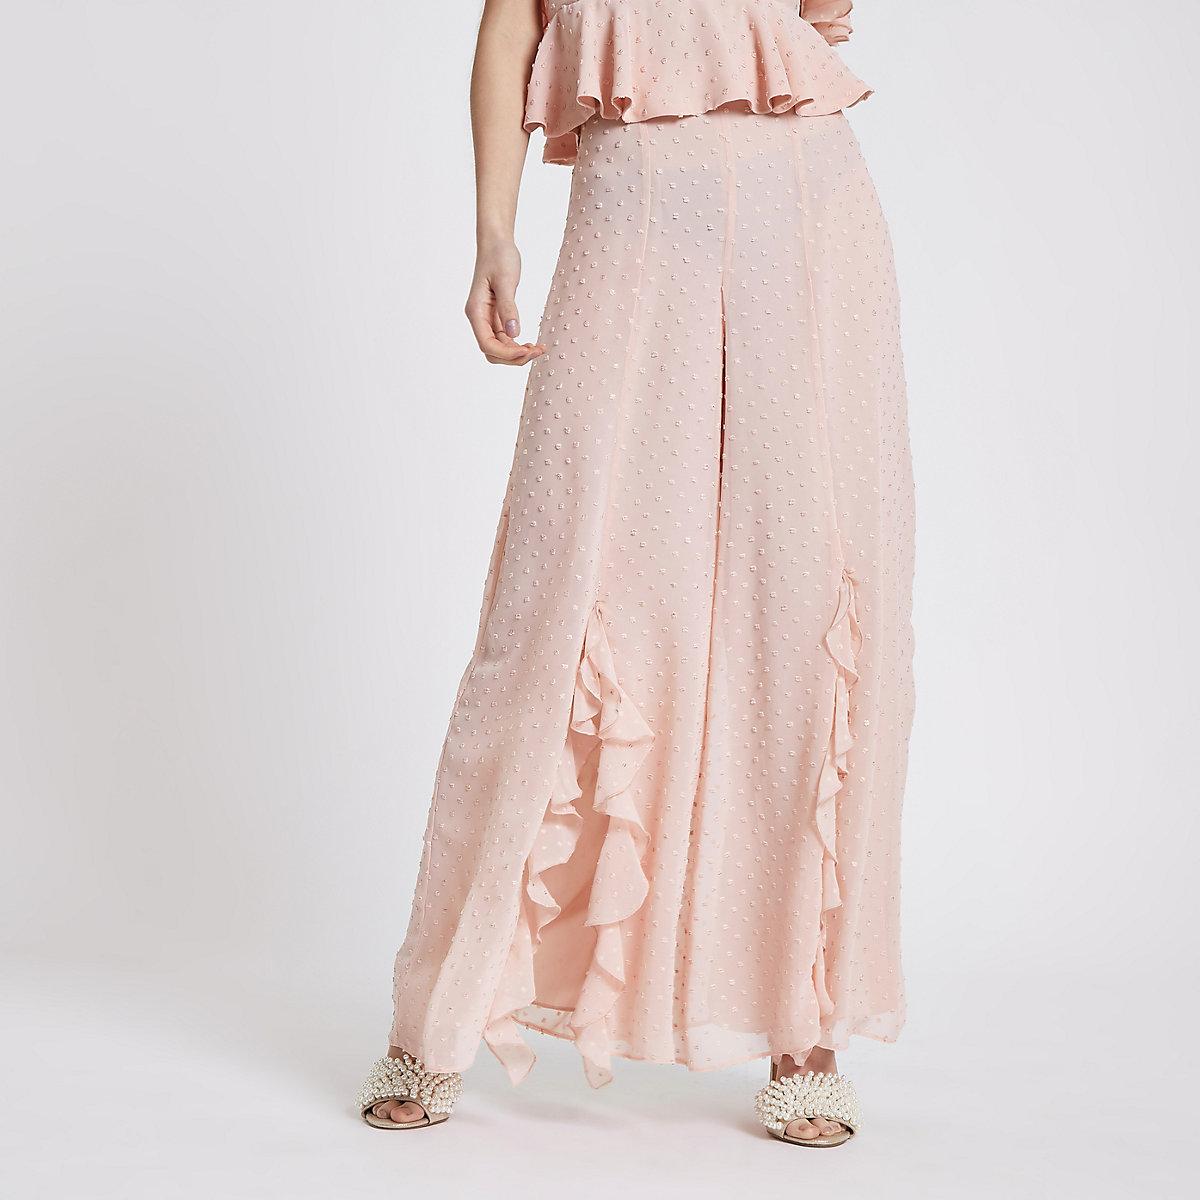 Petite pink polka dot wide leg pant